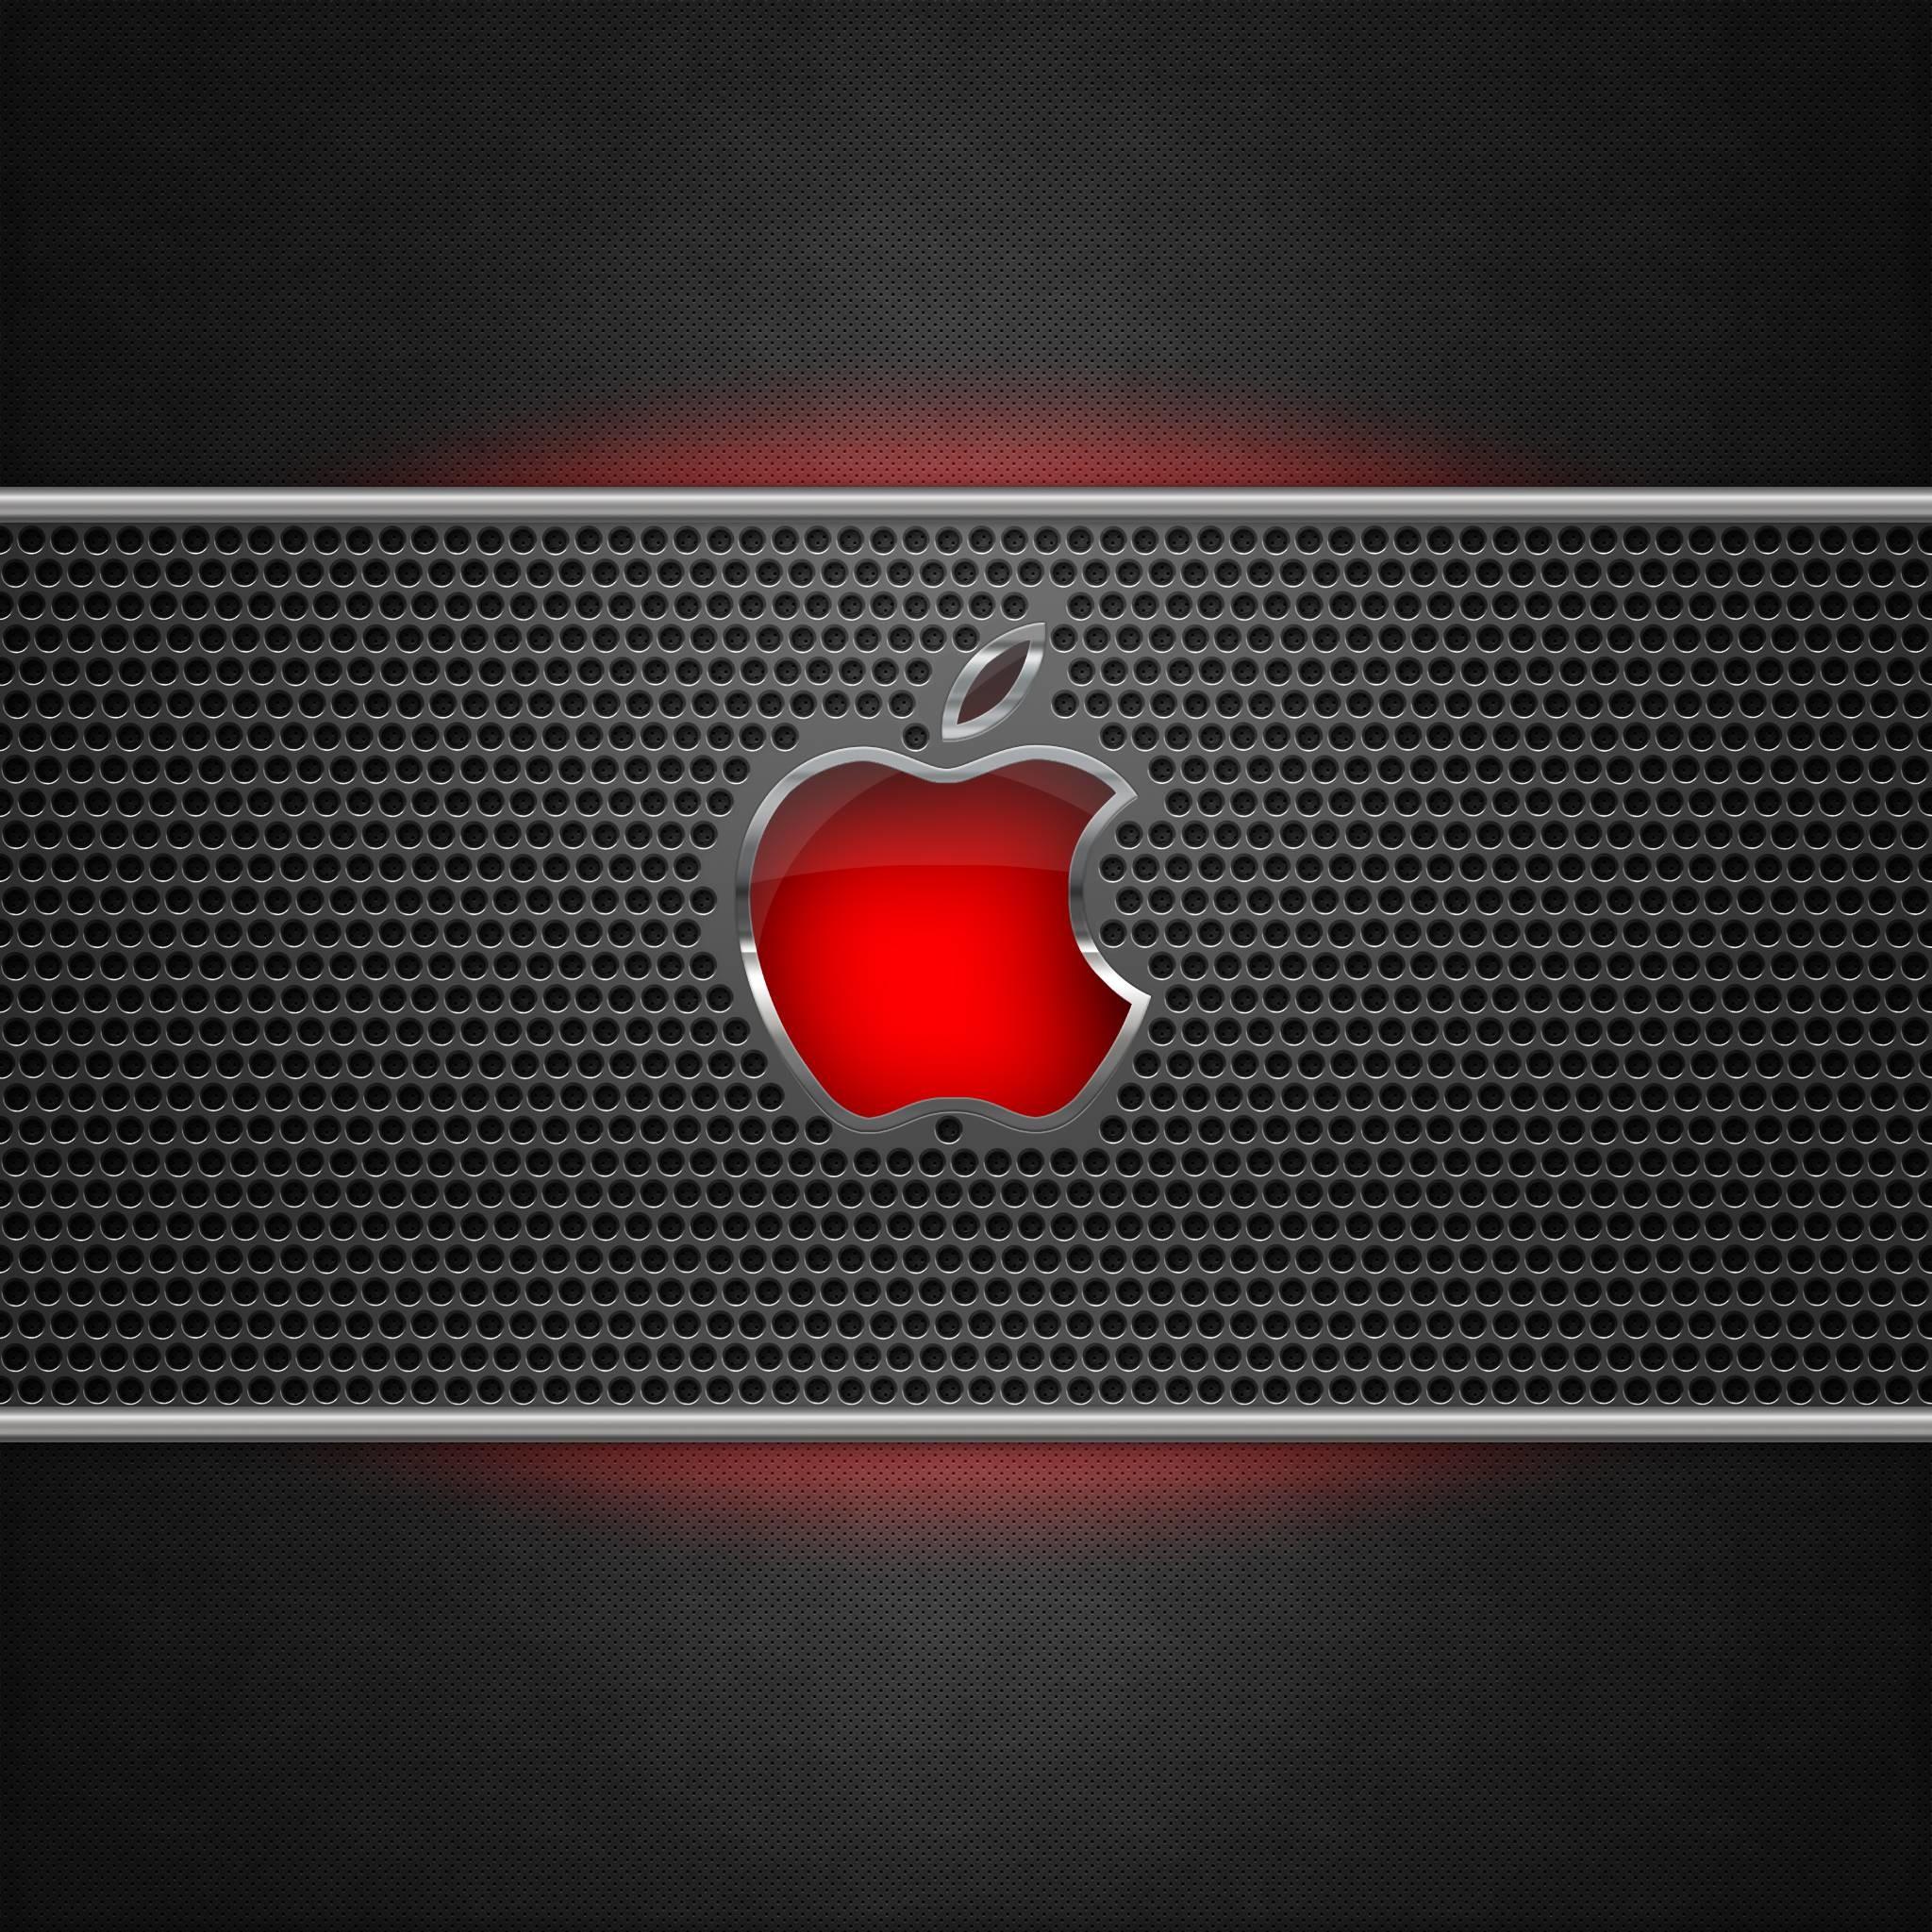 Apple Metal Glow Retina Wallpaper 2048x2048PX ~ Wallpaper New Ipad .